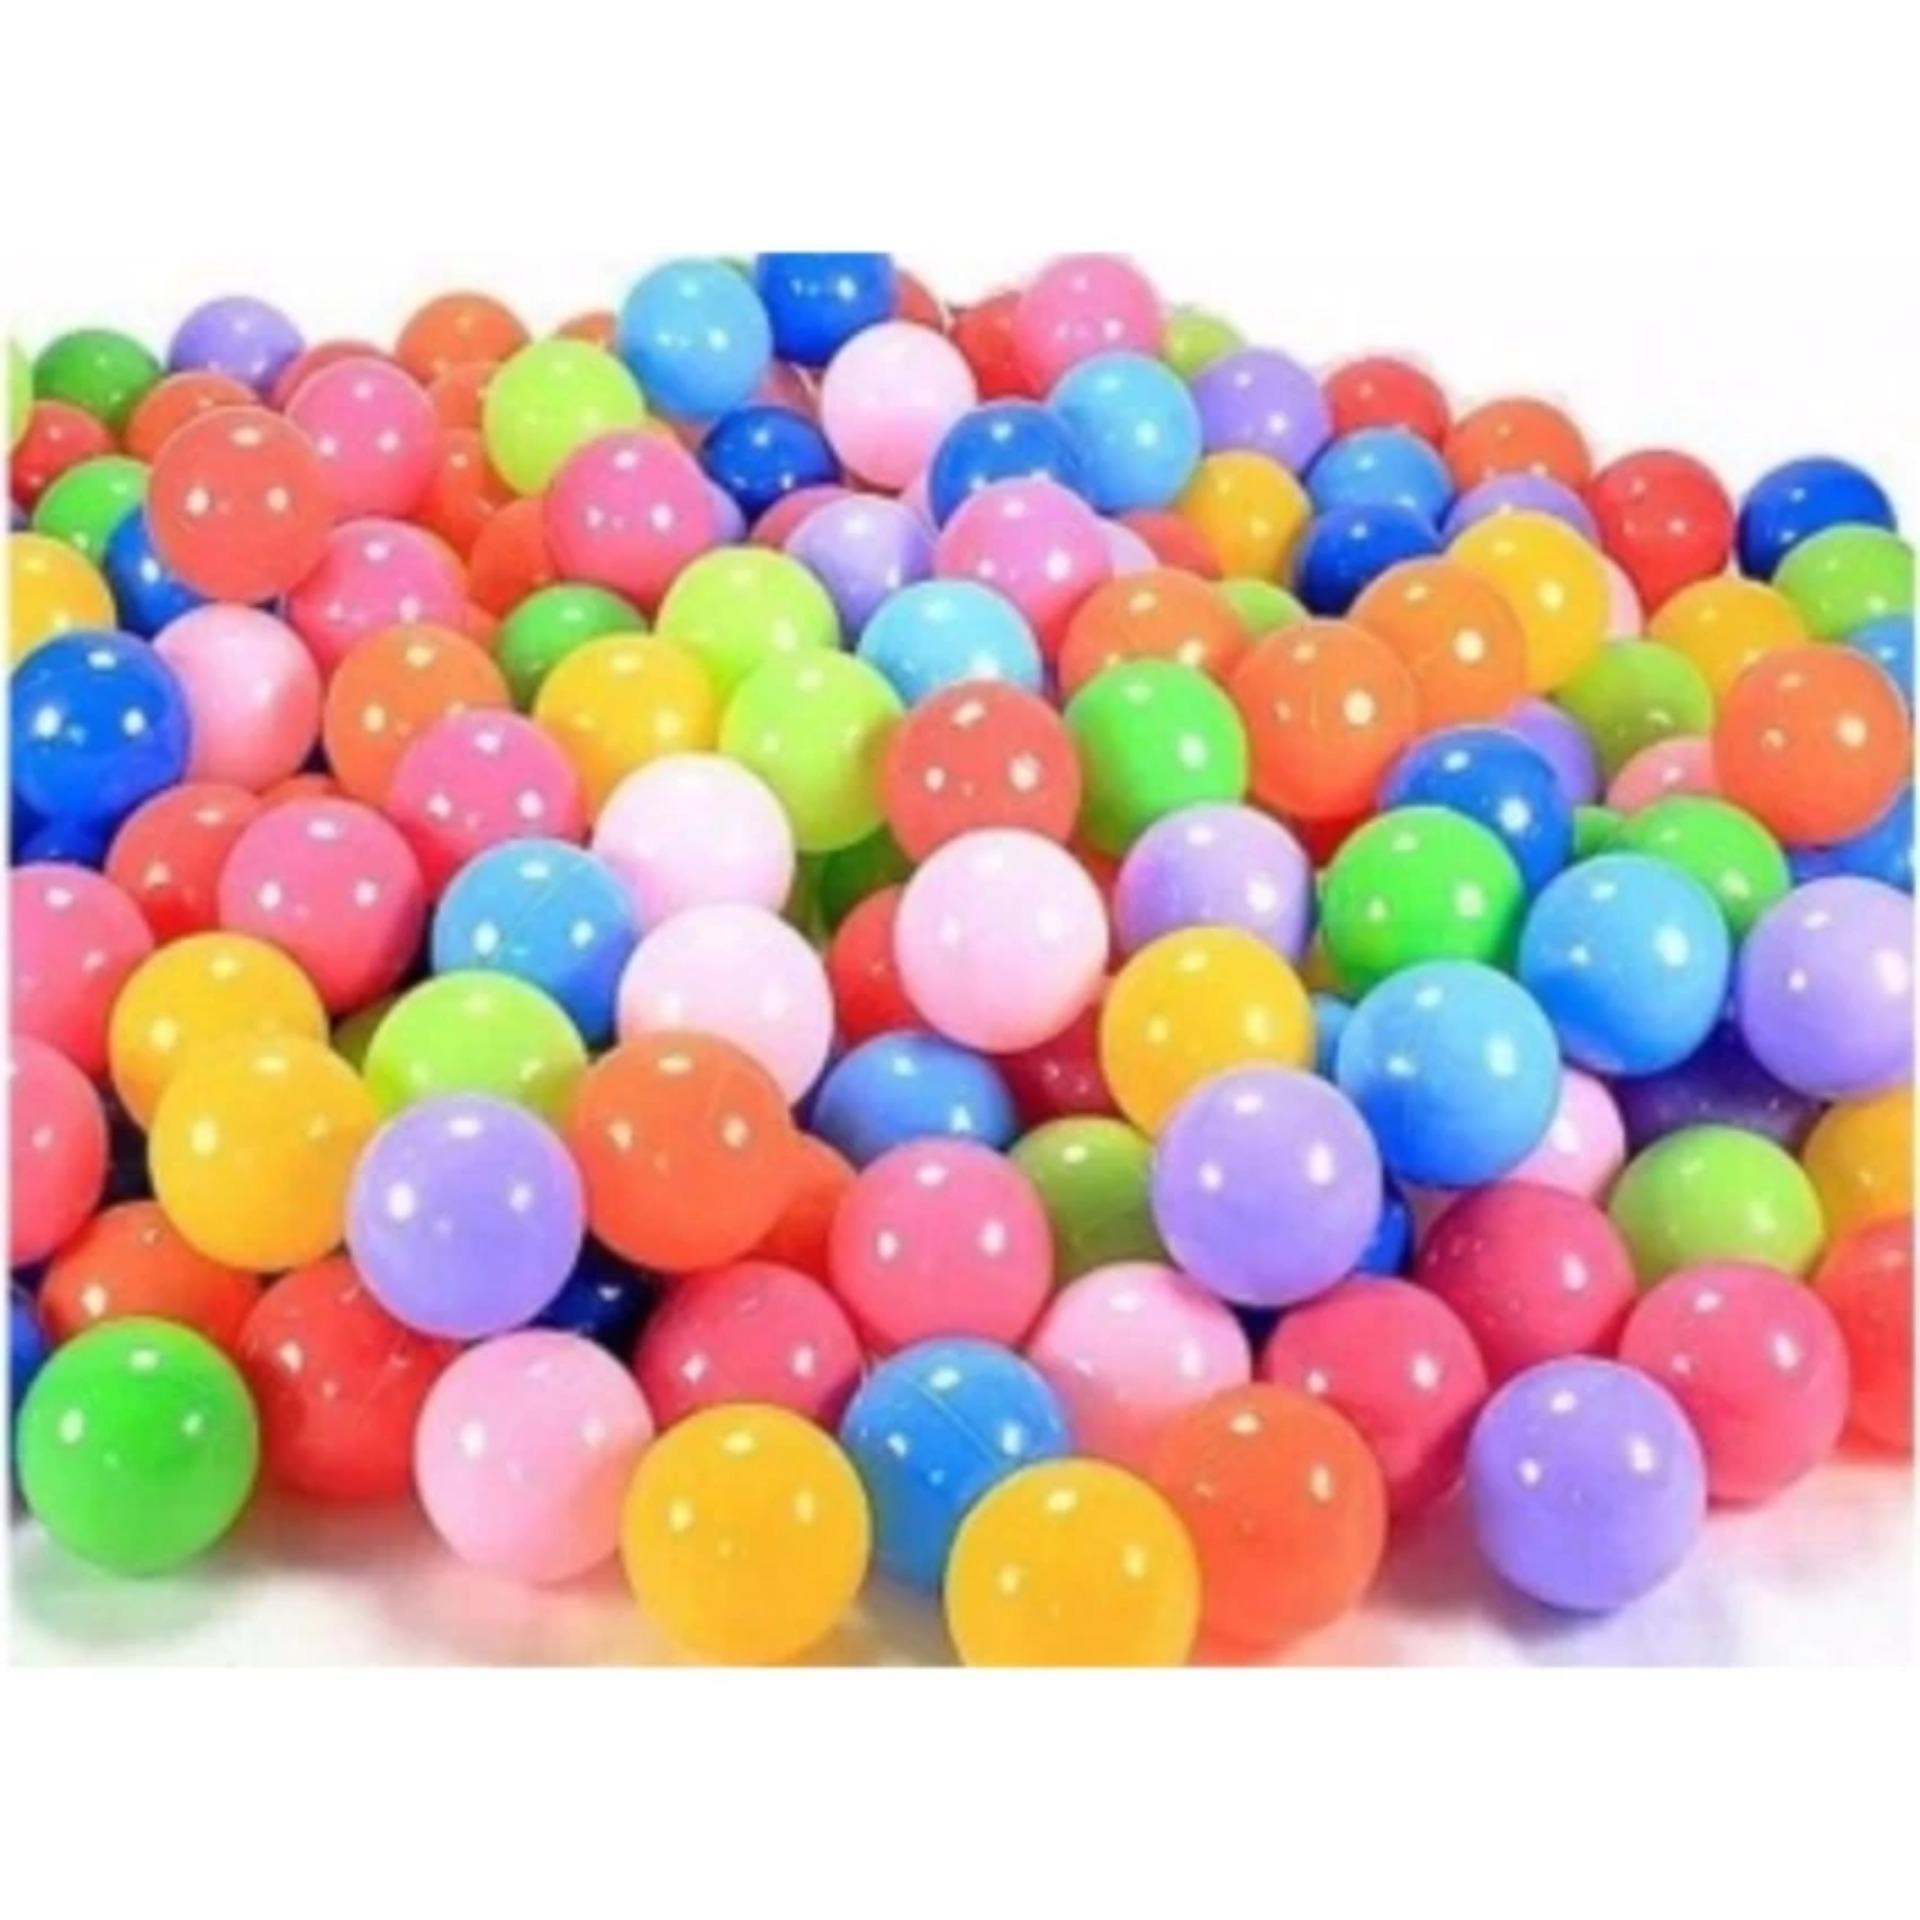 Bộ 100 trái bóng nhựa việt Nam Modem-08